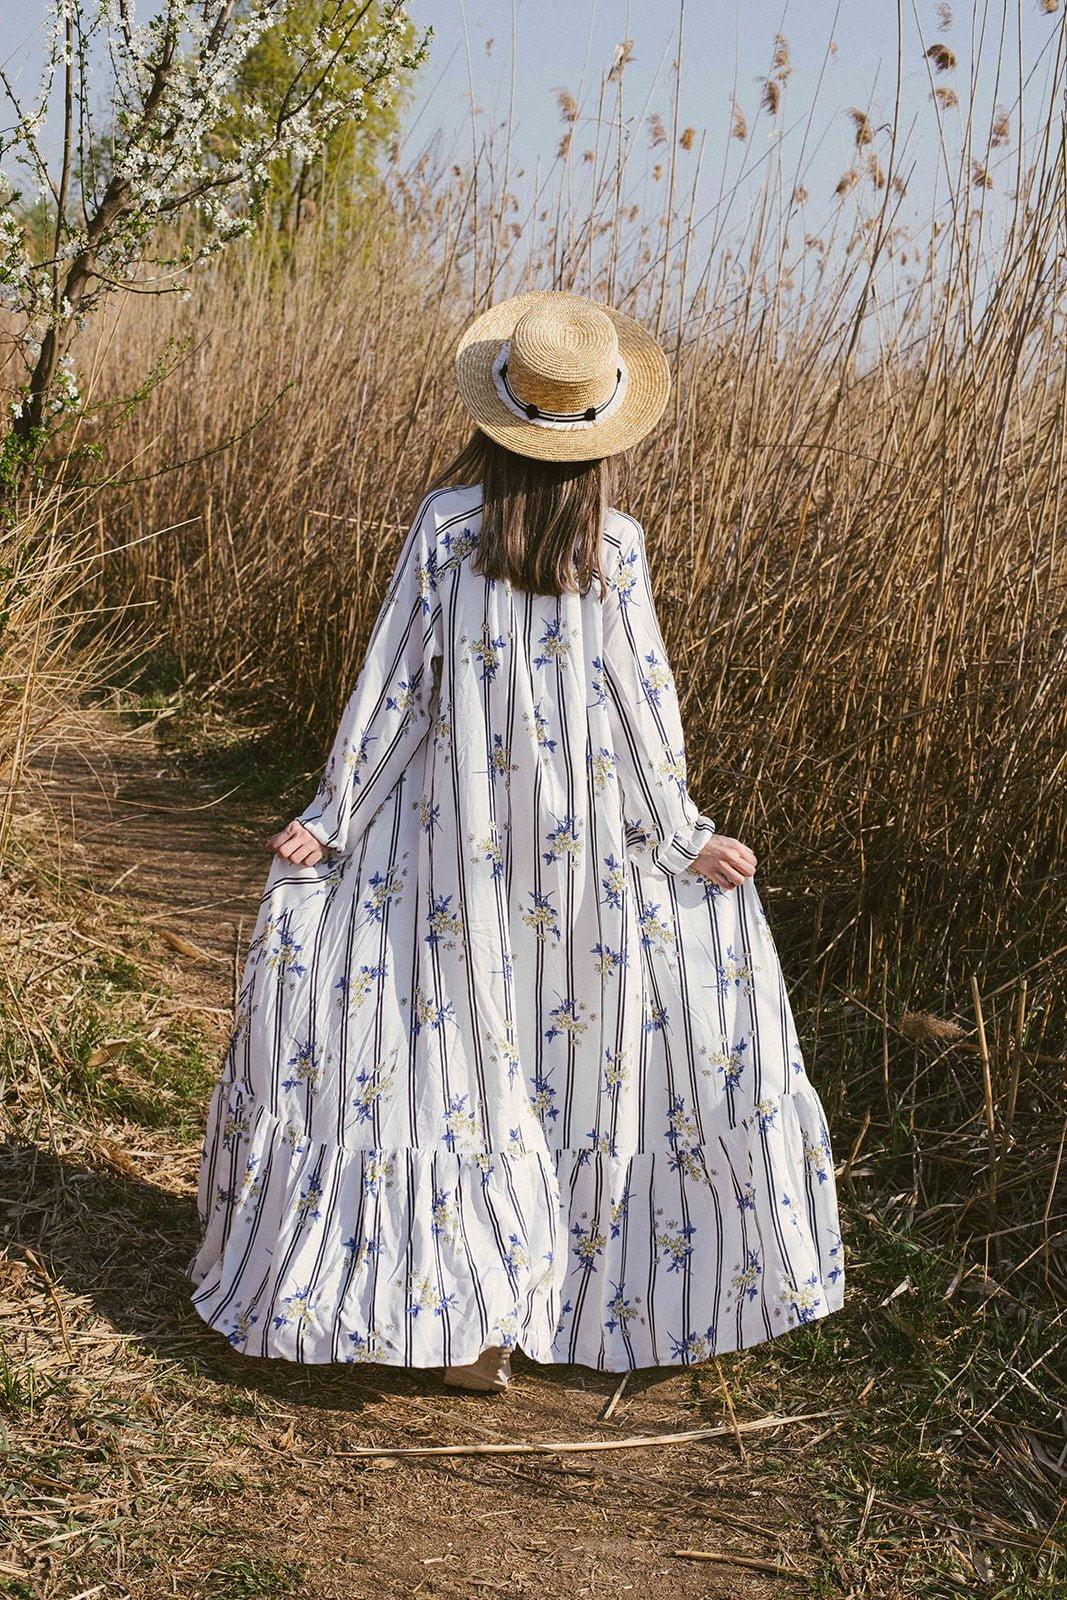 Rochie femei confortabila imprimata flori galbene bumbac vascoza natural